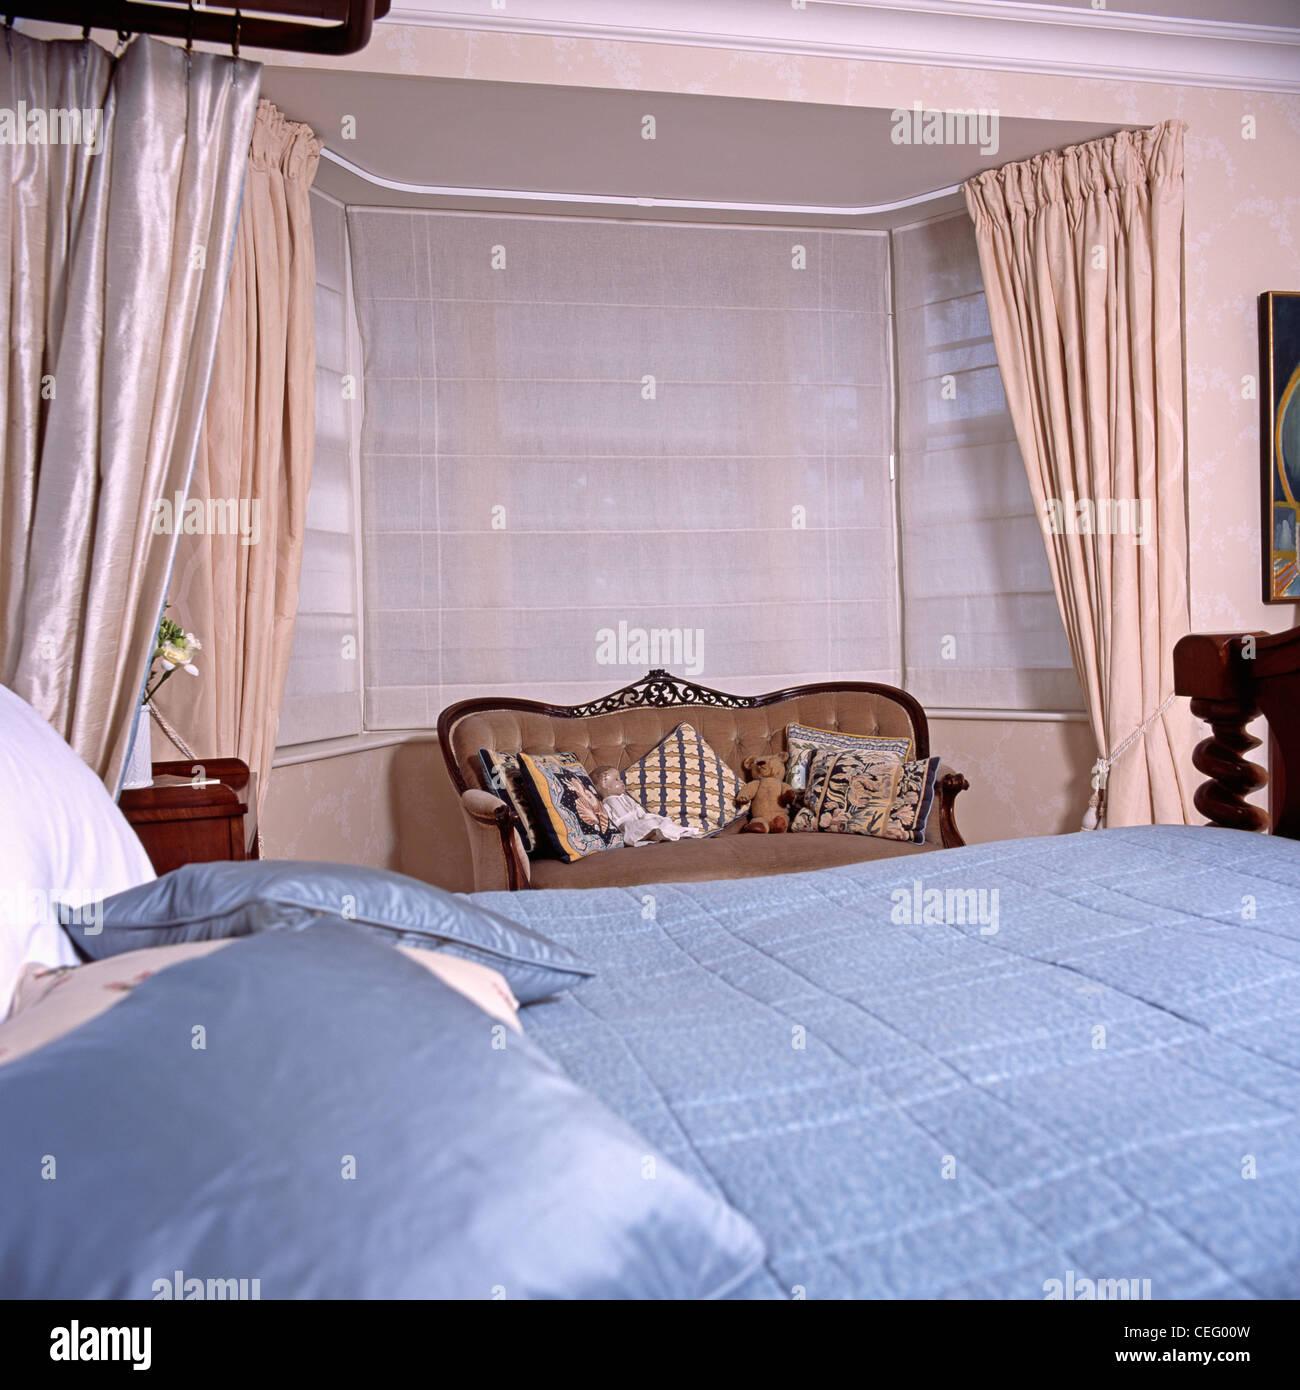 Blaue Seide Quilt In Traditionellen Schlafzimmer Mit Sofa Vor Erker Mit  Weißen Voile Vorhänge Und Creme Seidenvorhänge